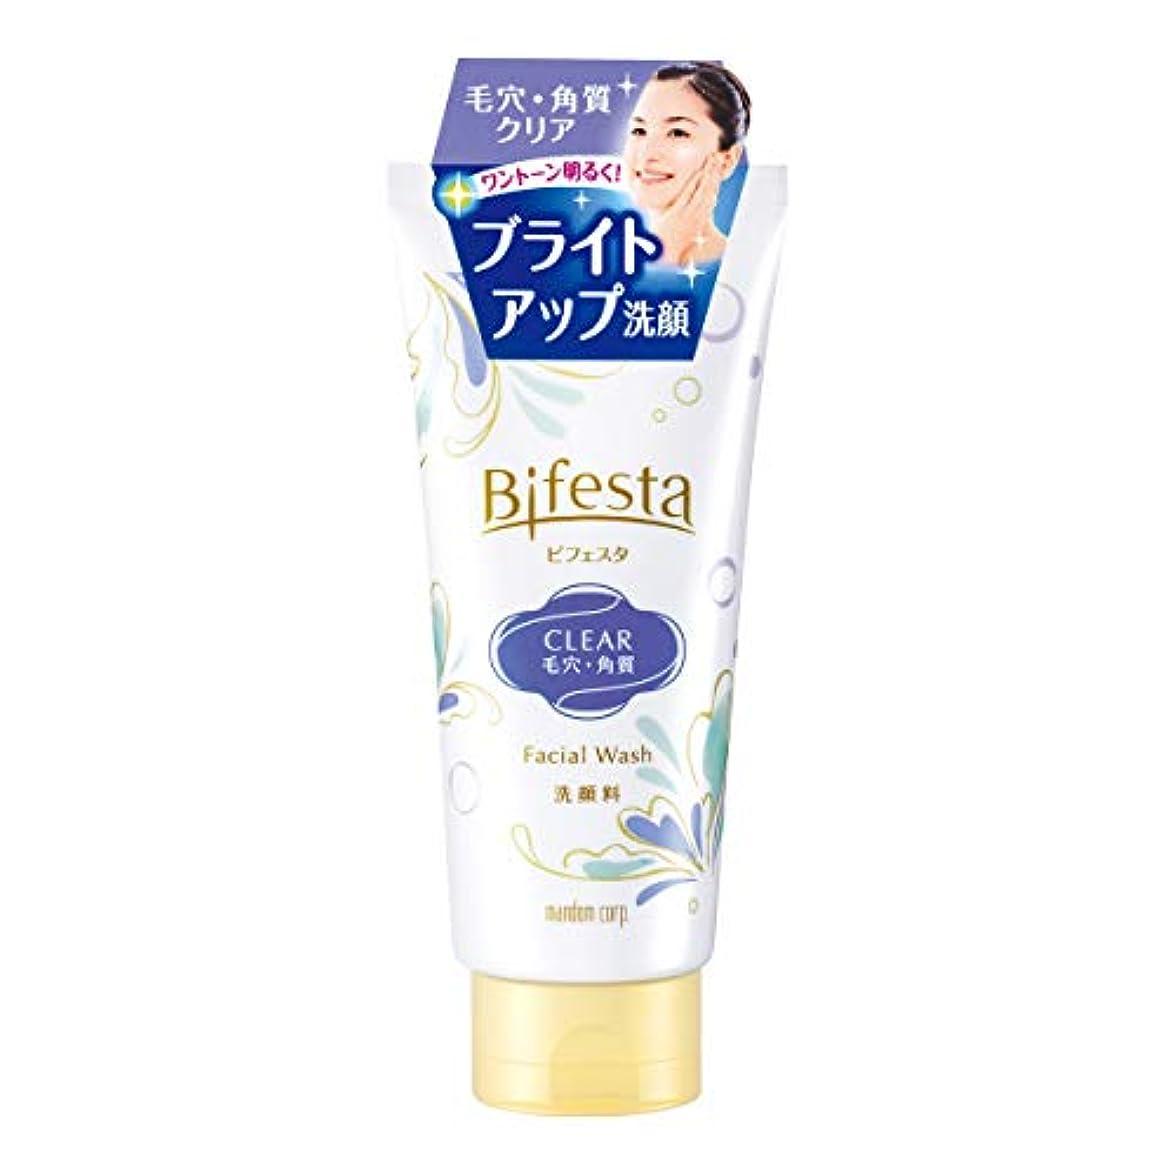 等々イタリック特許ビフェスタ(Bifesta)洗顔 クリア 120g 毛穴?角質クリアタイプの洗顔料